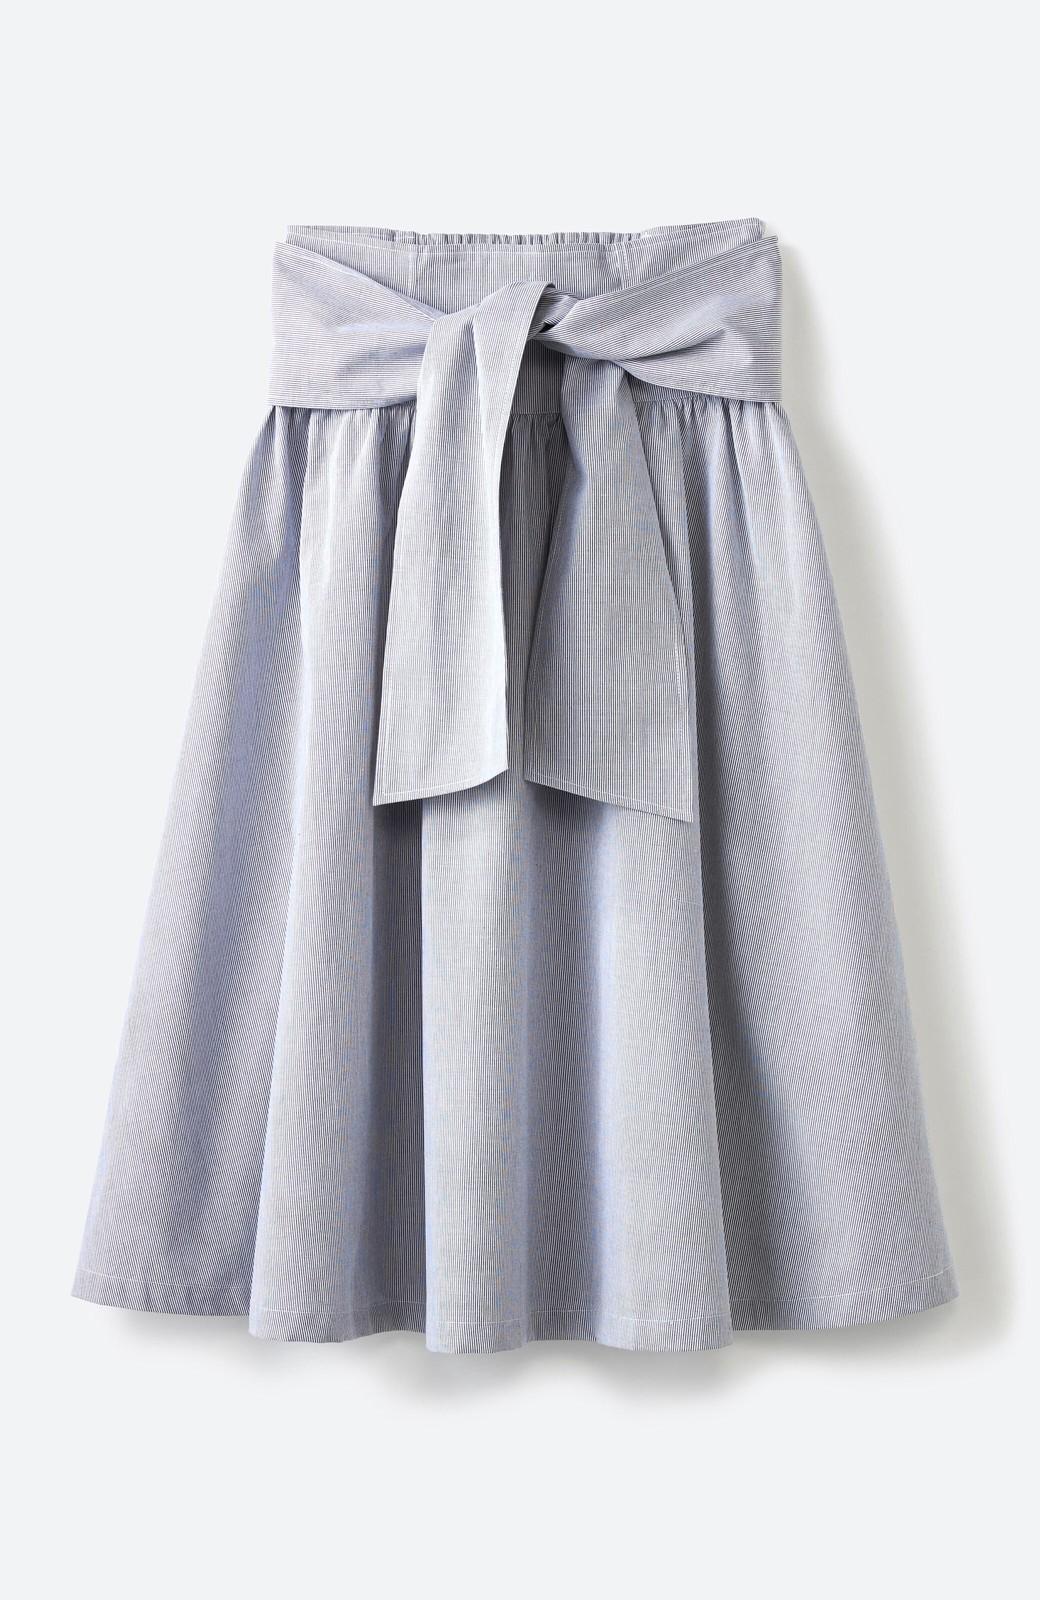 haco! Tシャツと合わせるだけでも女っぽが叶う ウエストリボンのストライプフレアースカート <ブラック系その他>の商品写真2